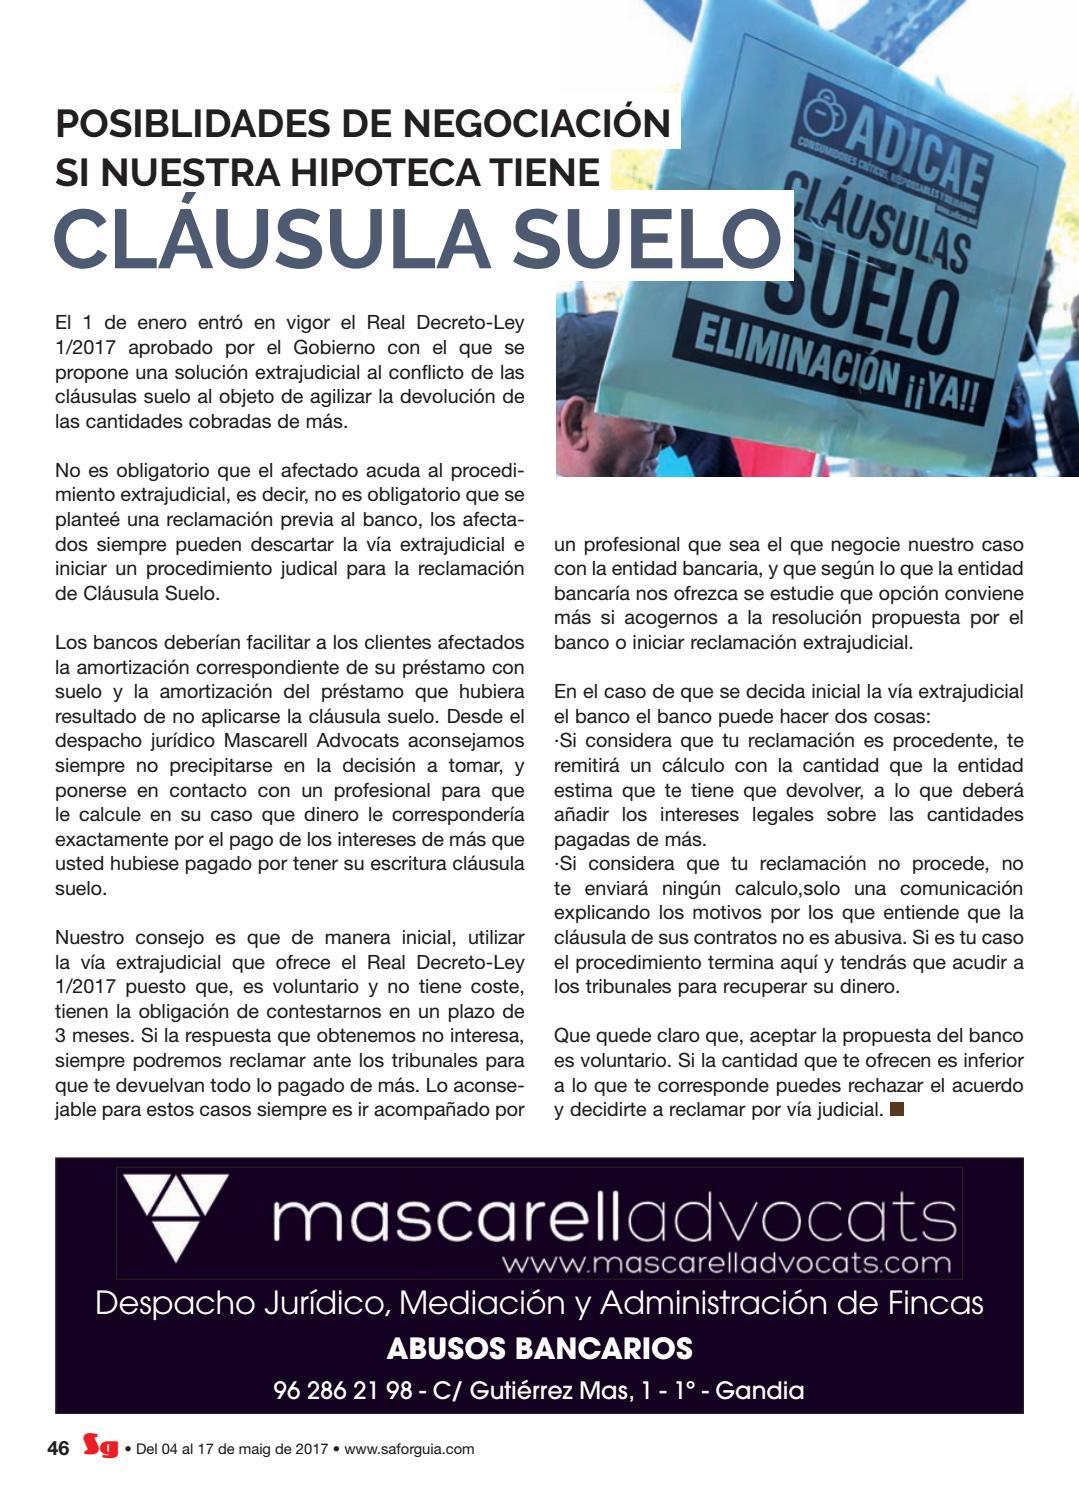 Plazo reclamacion clausula suelo fabulous clusulas suelo for Plazo para reclamar clausula suelo